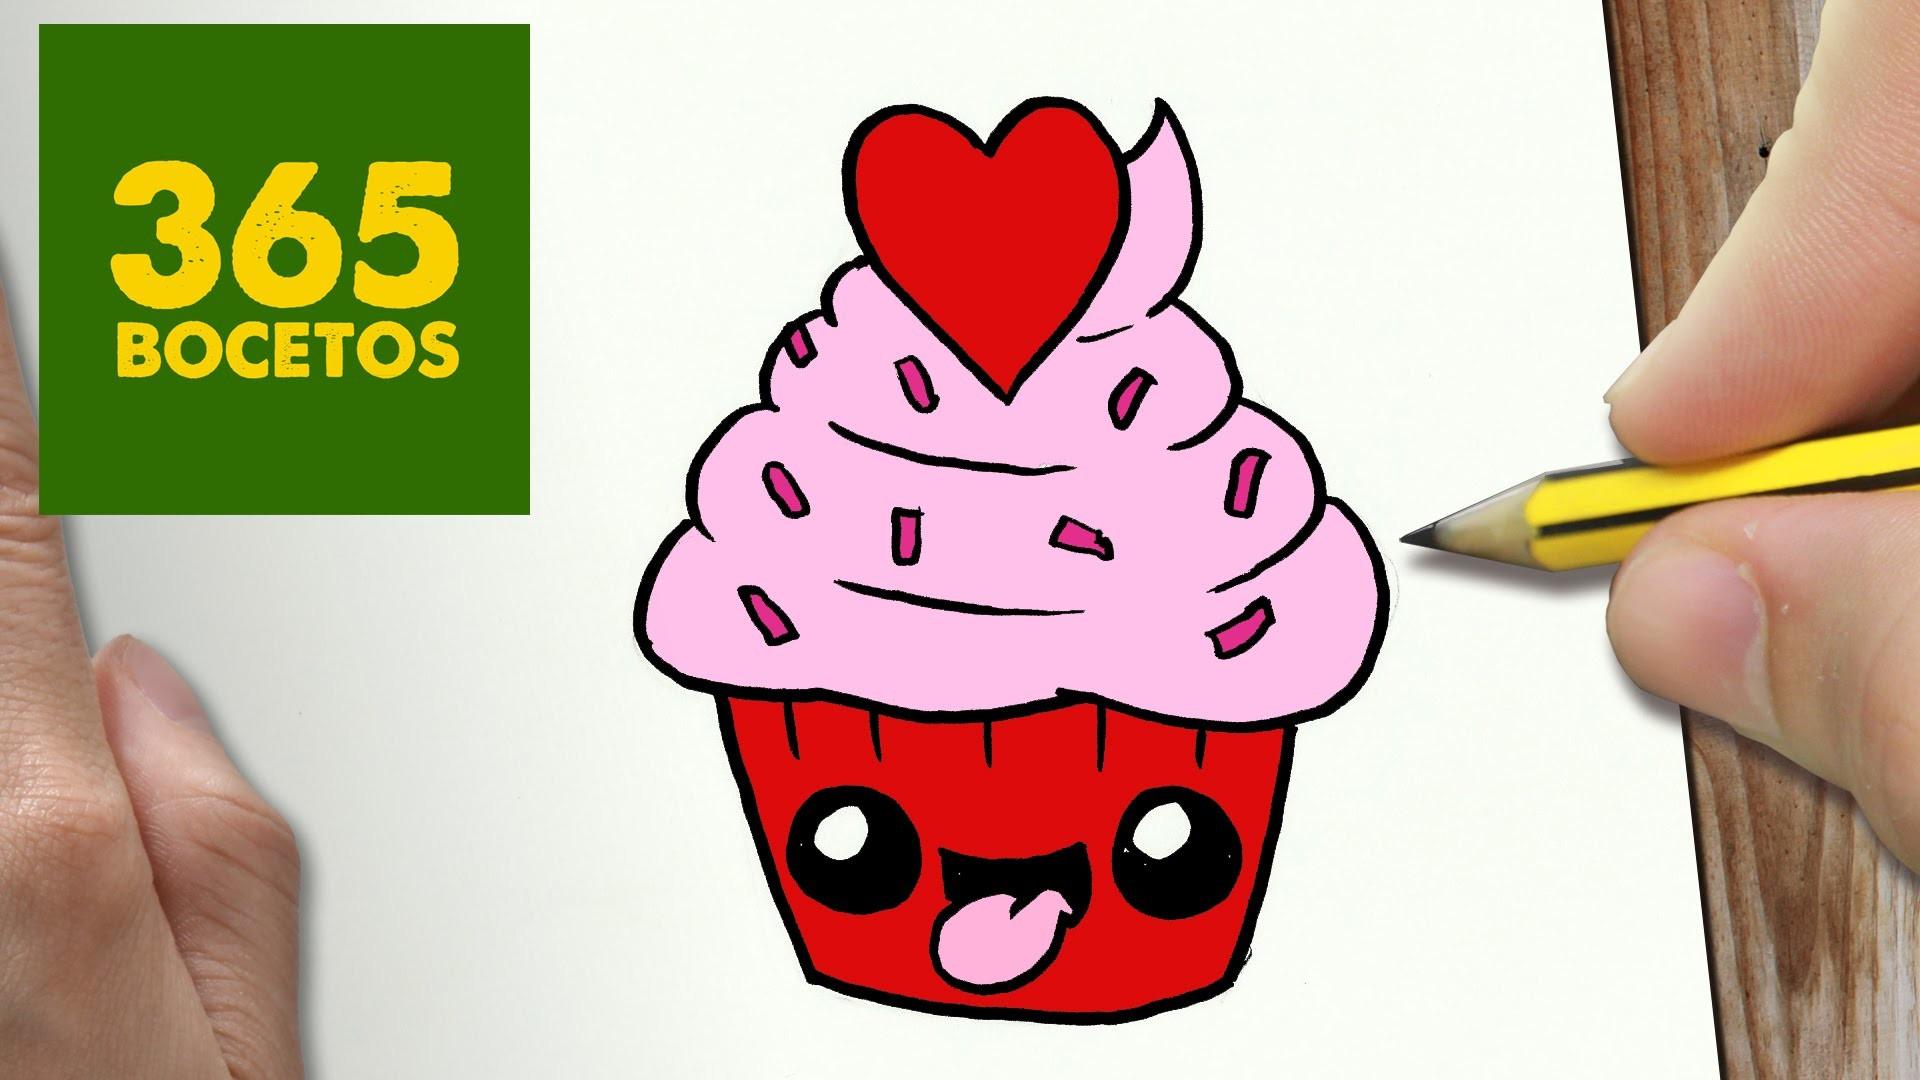 Como Dibujar Cupcake Kawaii Paso A Paso Dibujos Kawaii Faciles How To Draw A Cupcake on Baby Crafts